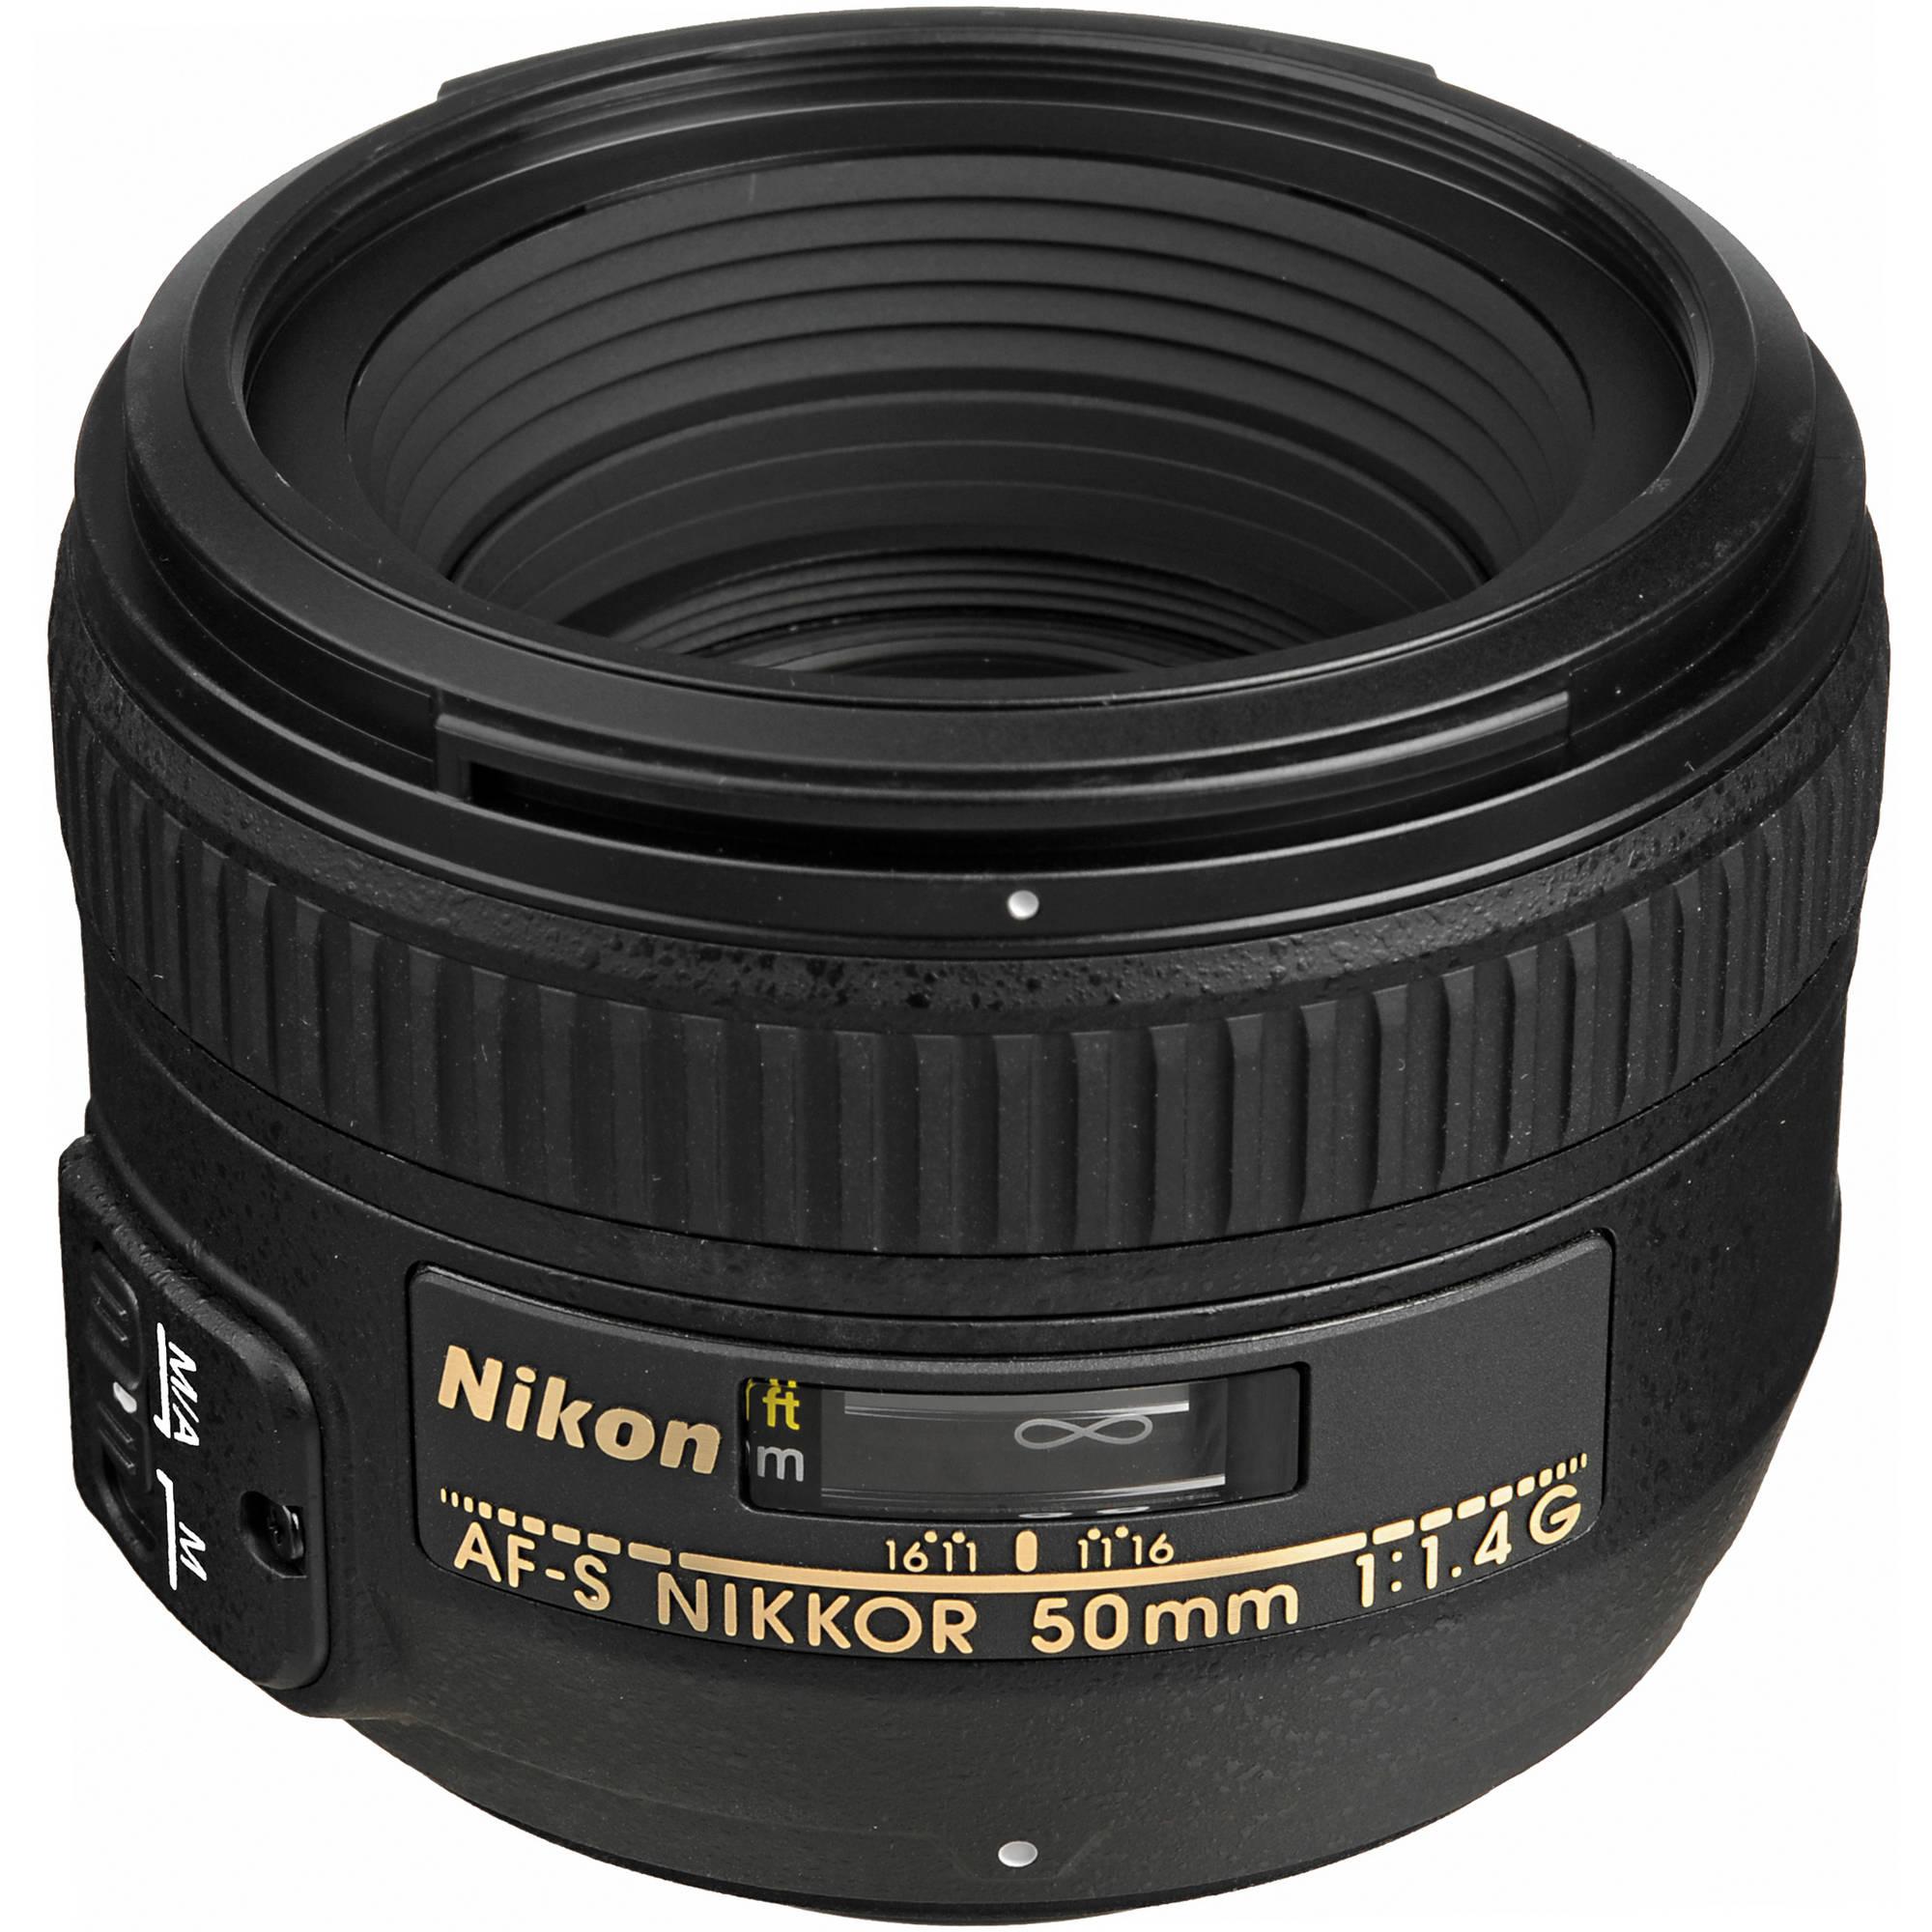 Nikon AF-S NIKKOR 50mm f/1.4G Lens